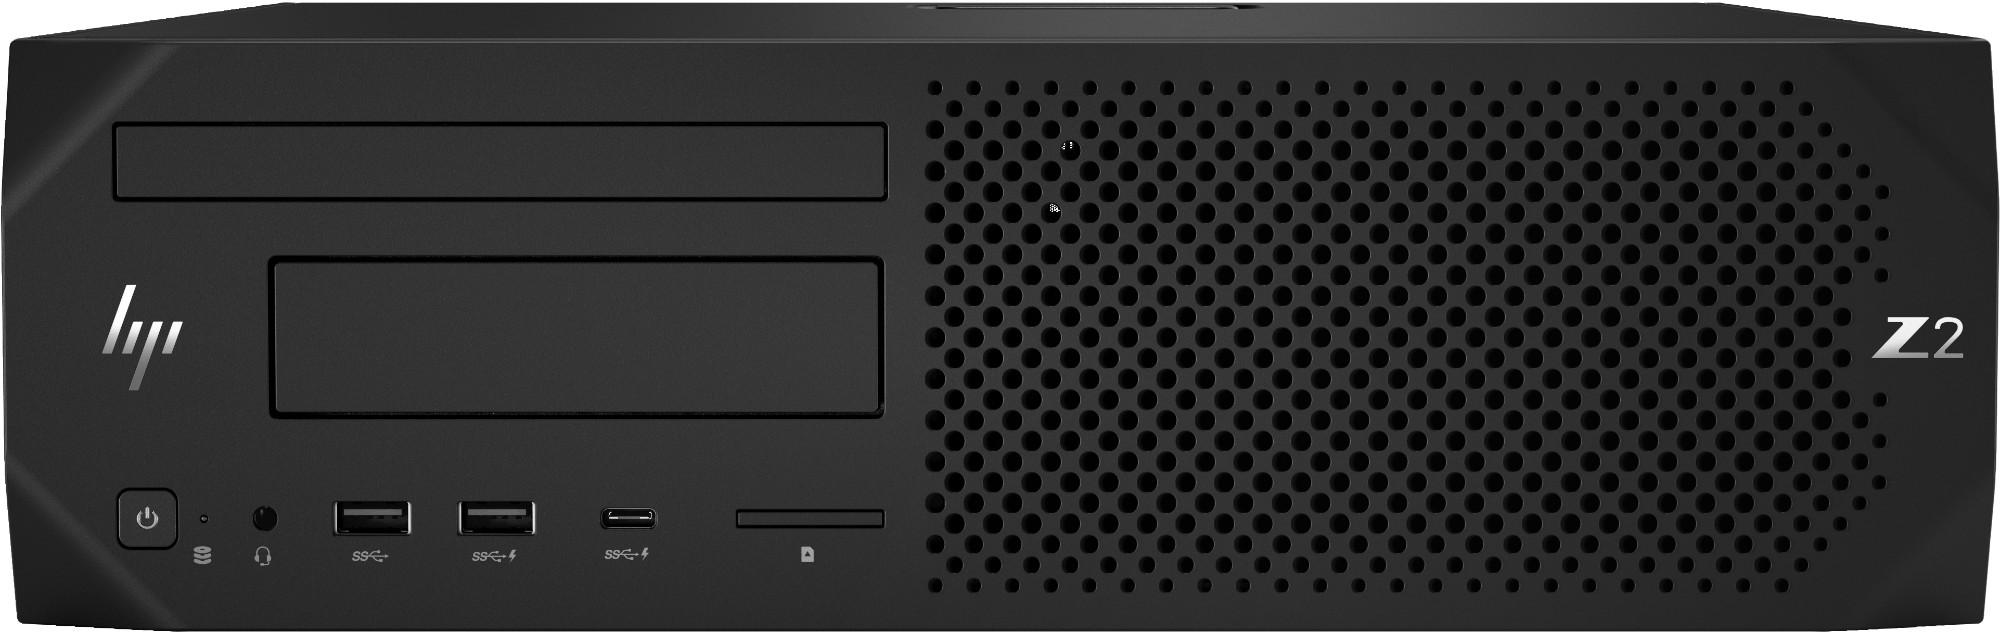 Workstation Z2 G4 SFF - i7 8700 - 2X8GB RAM - 256GB SSD - Win10 Pro